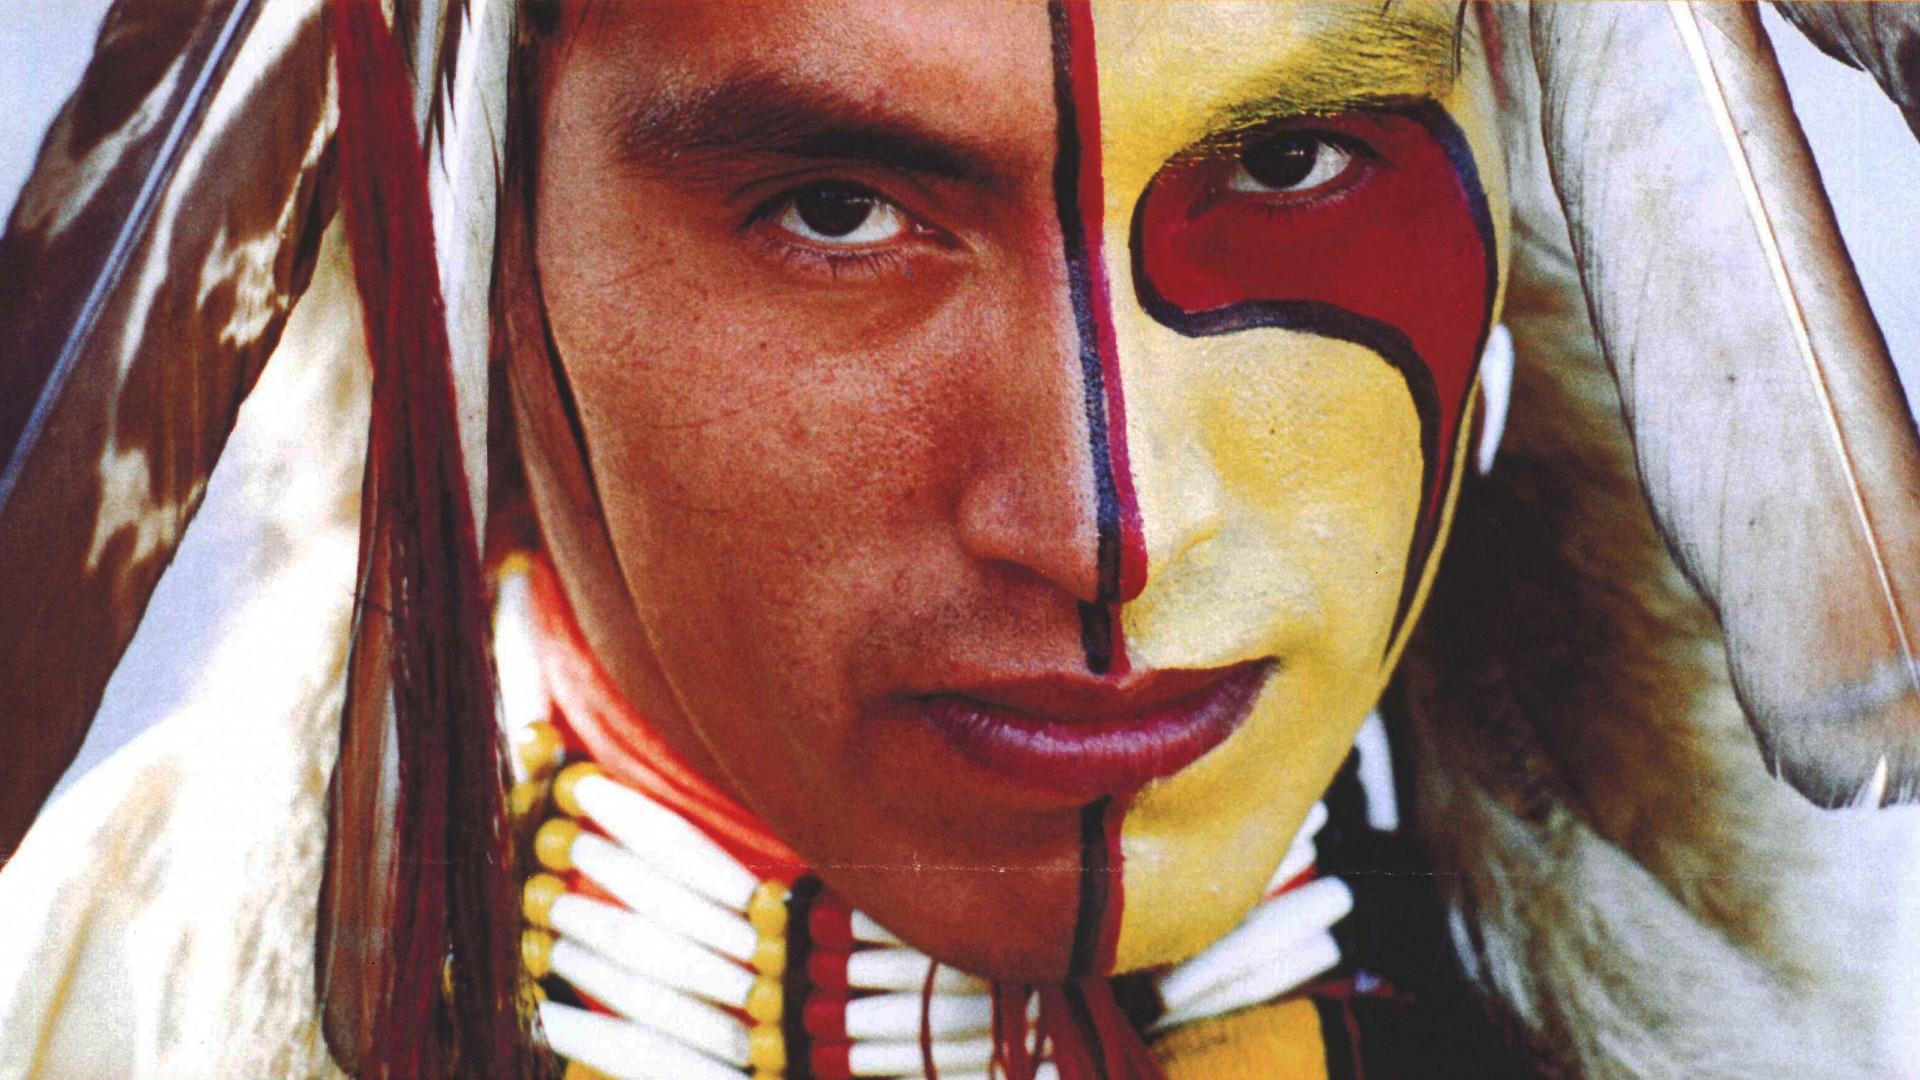 Опг индейцы новокуйбышевск фото аркой высятся